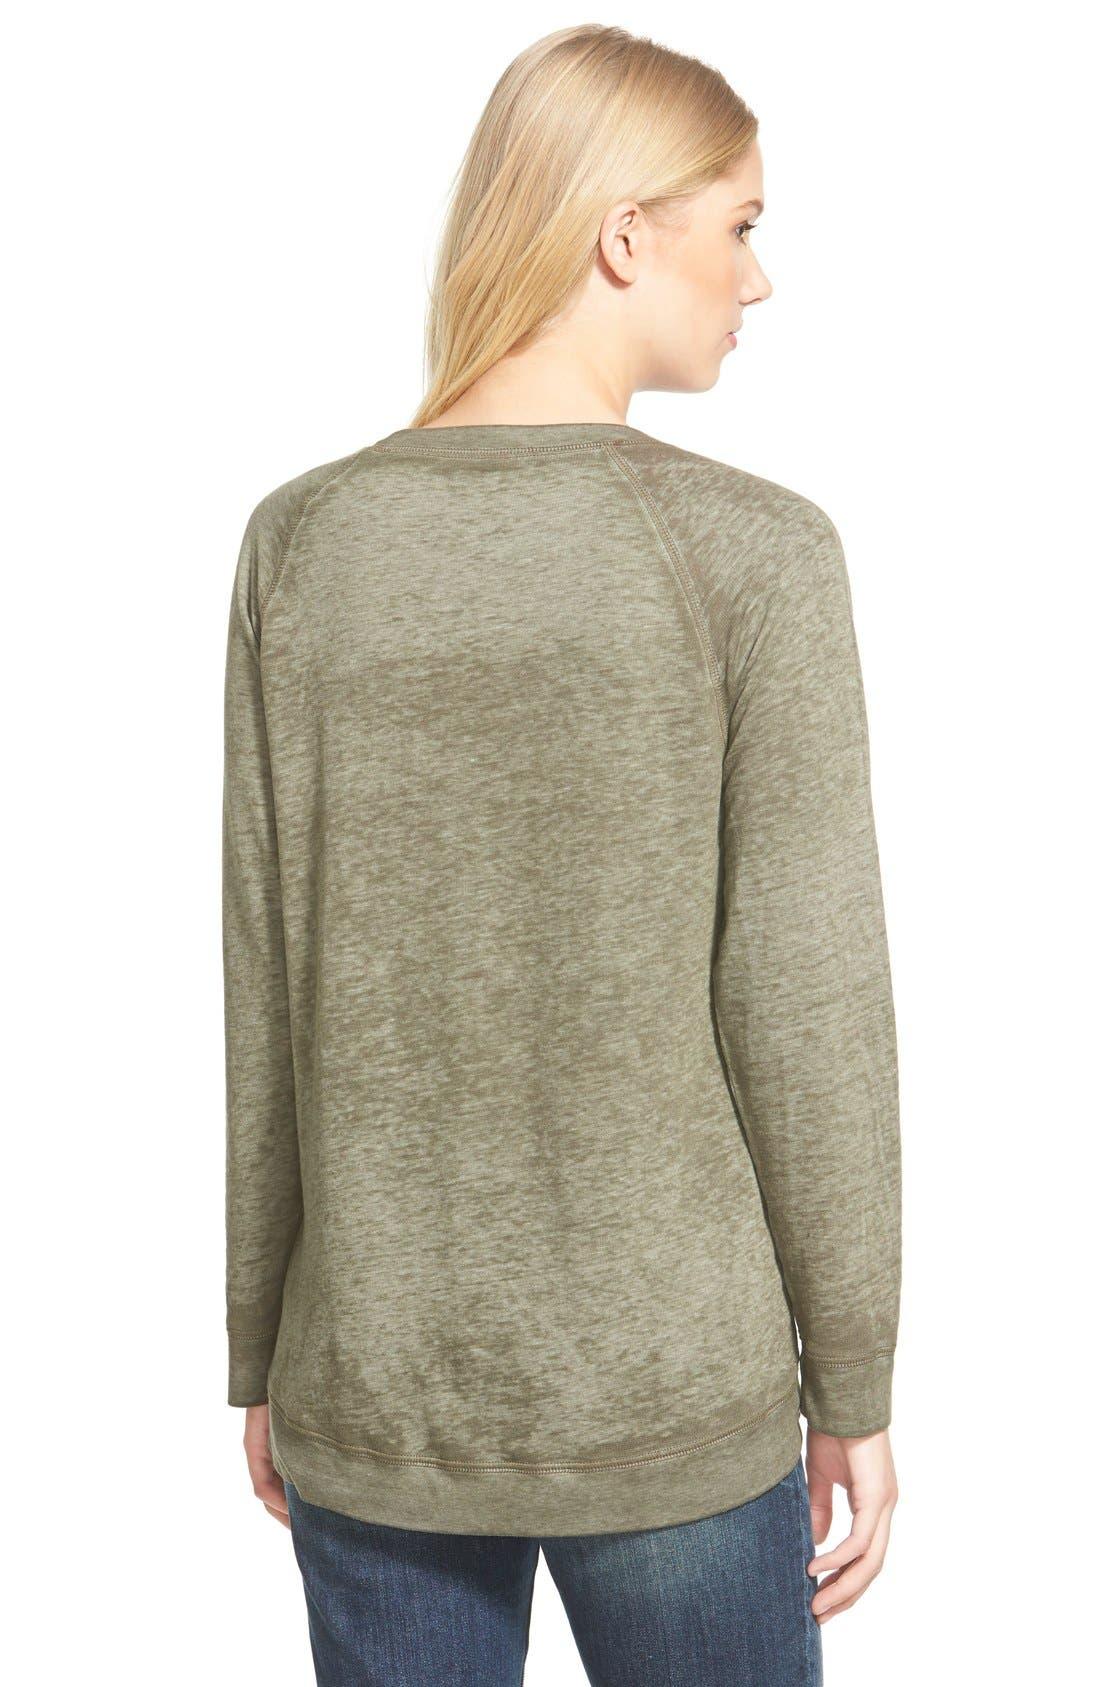 Burnout Sweatshirt,                             Alternate thumbnail 118, color,